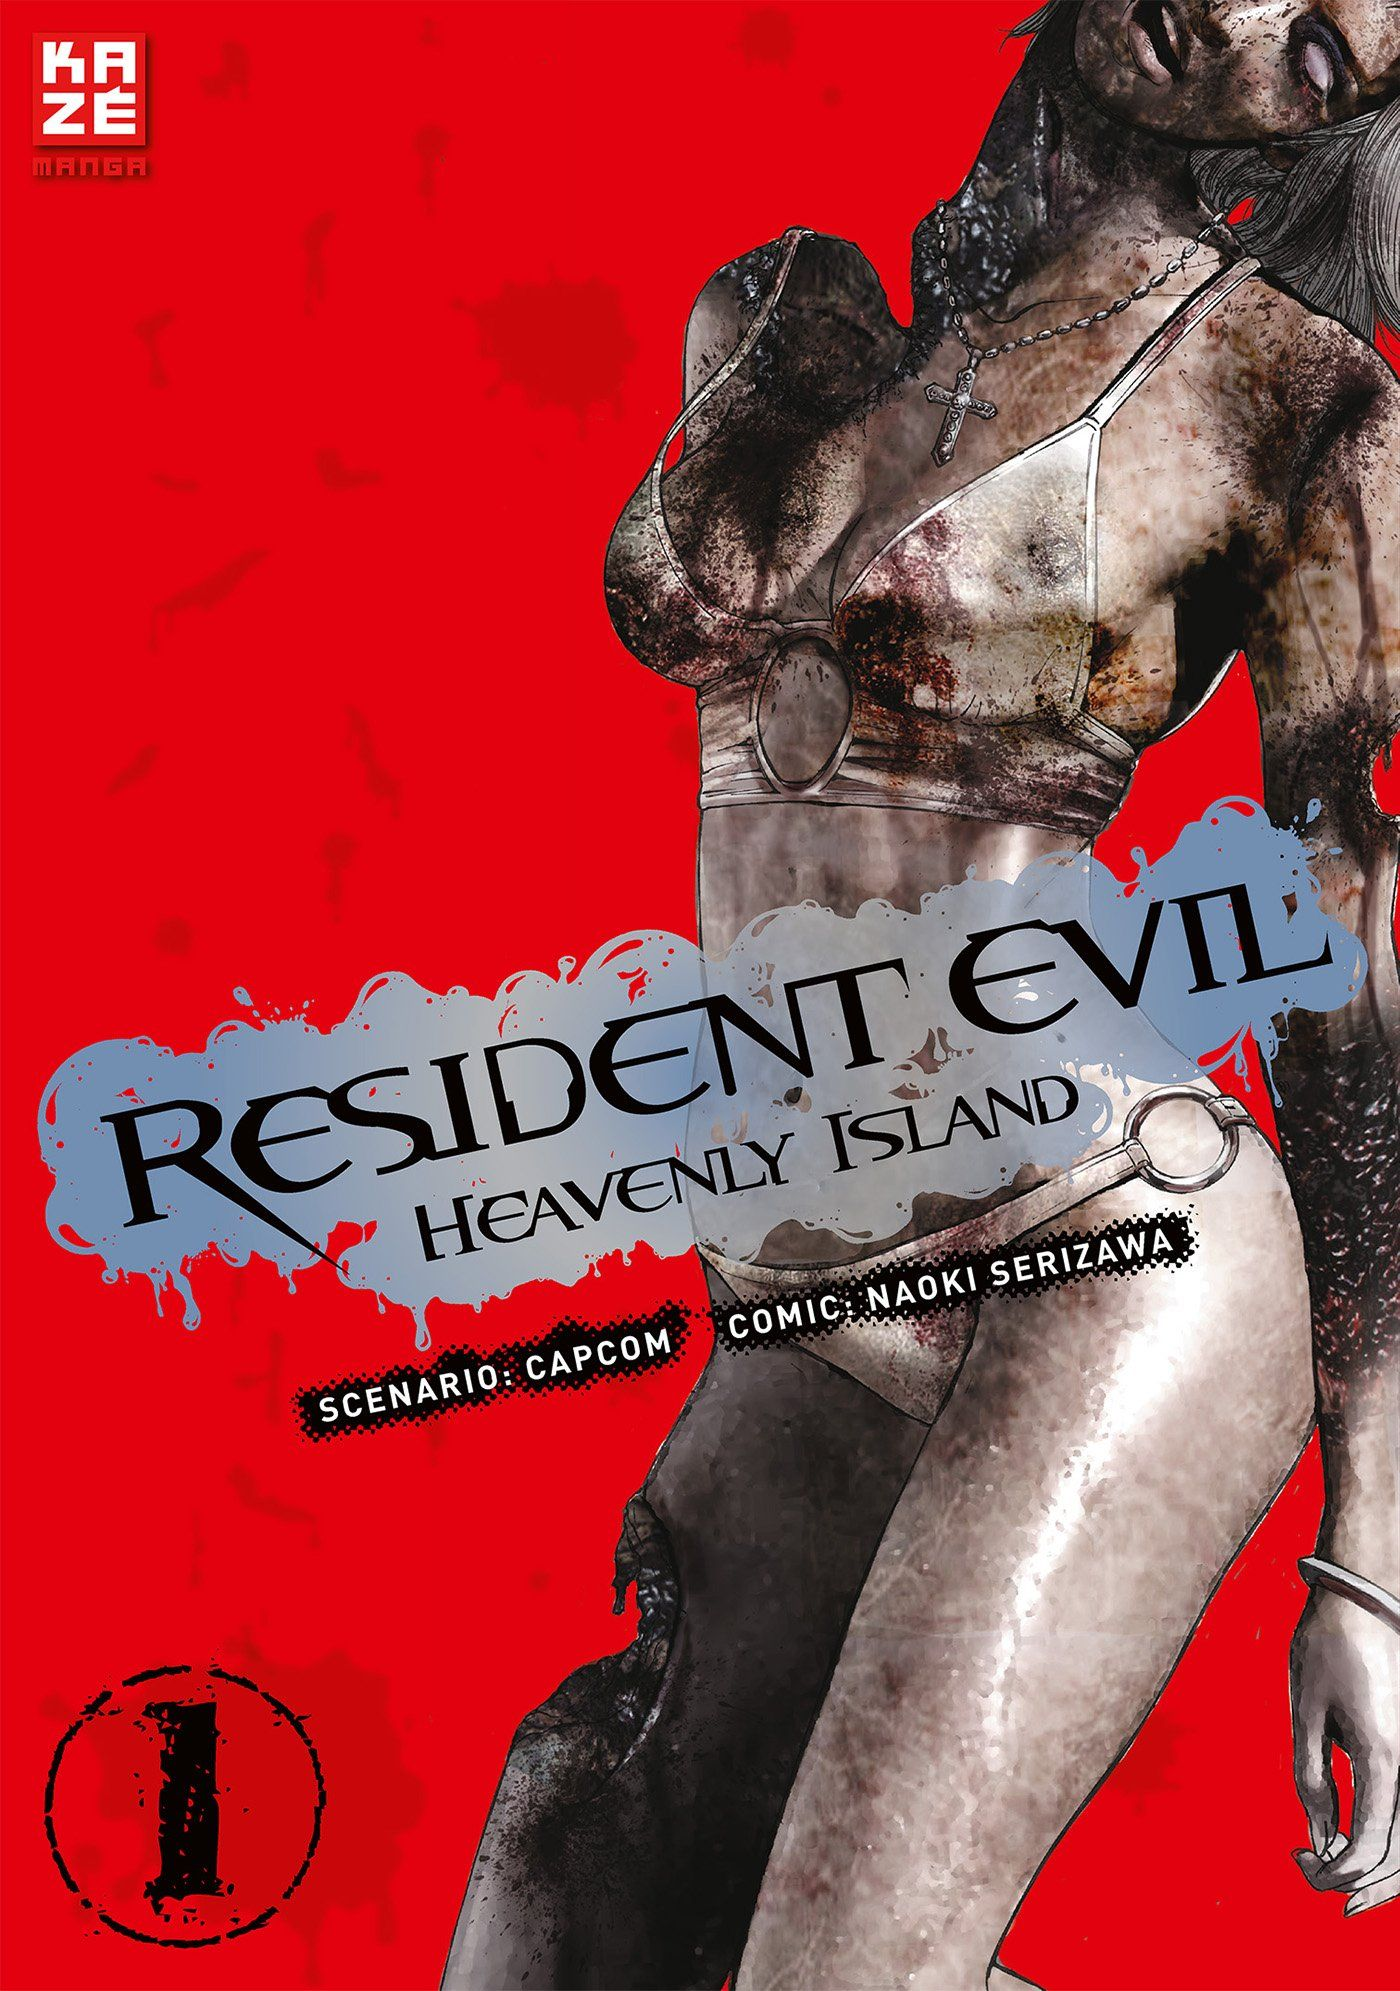 Gelesen: Resident Evil – Heavenly Island - http://sumikai.com/rezensionen/manga/gelesen-resident-evil-heavenly-island-81380/